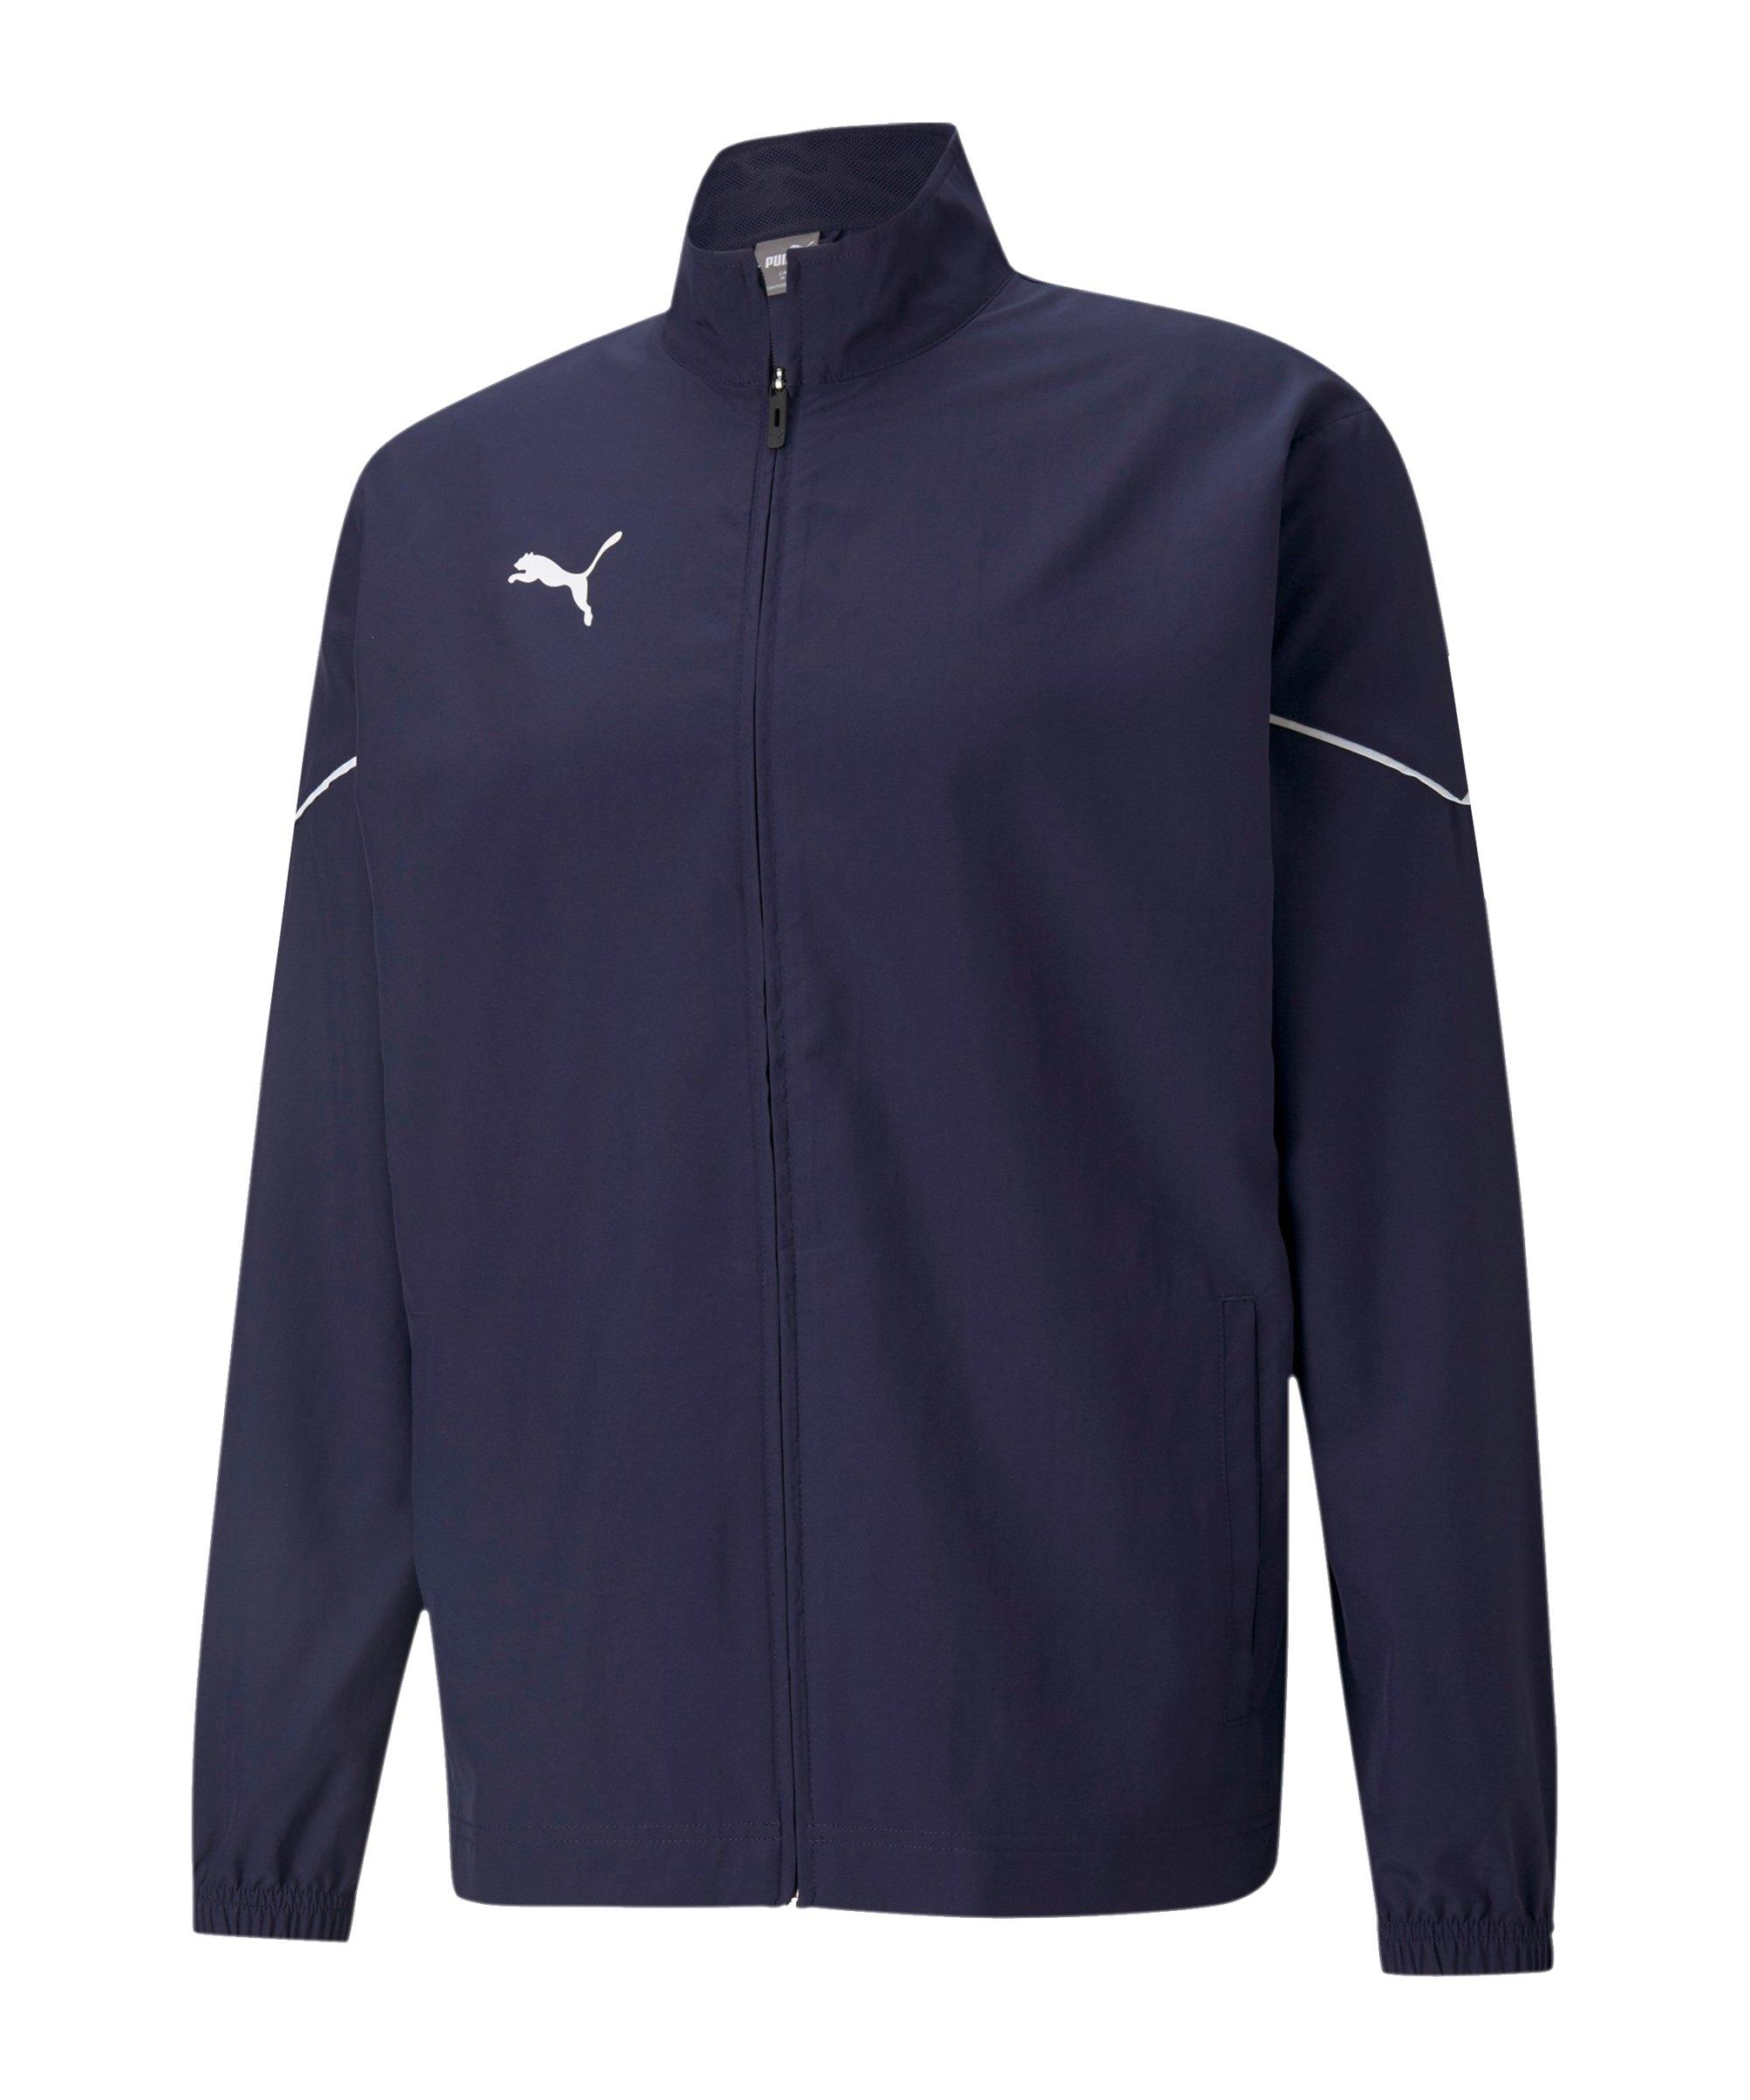 PUMA teamRISE Sideline Trainingsjacke Blau F06 - blau